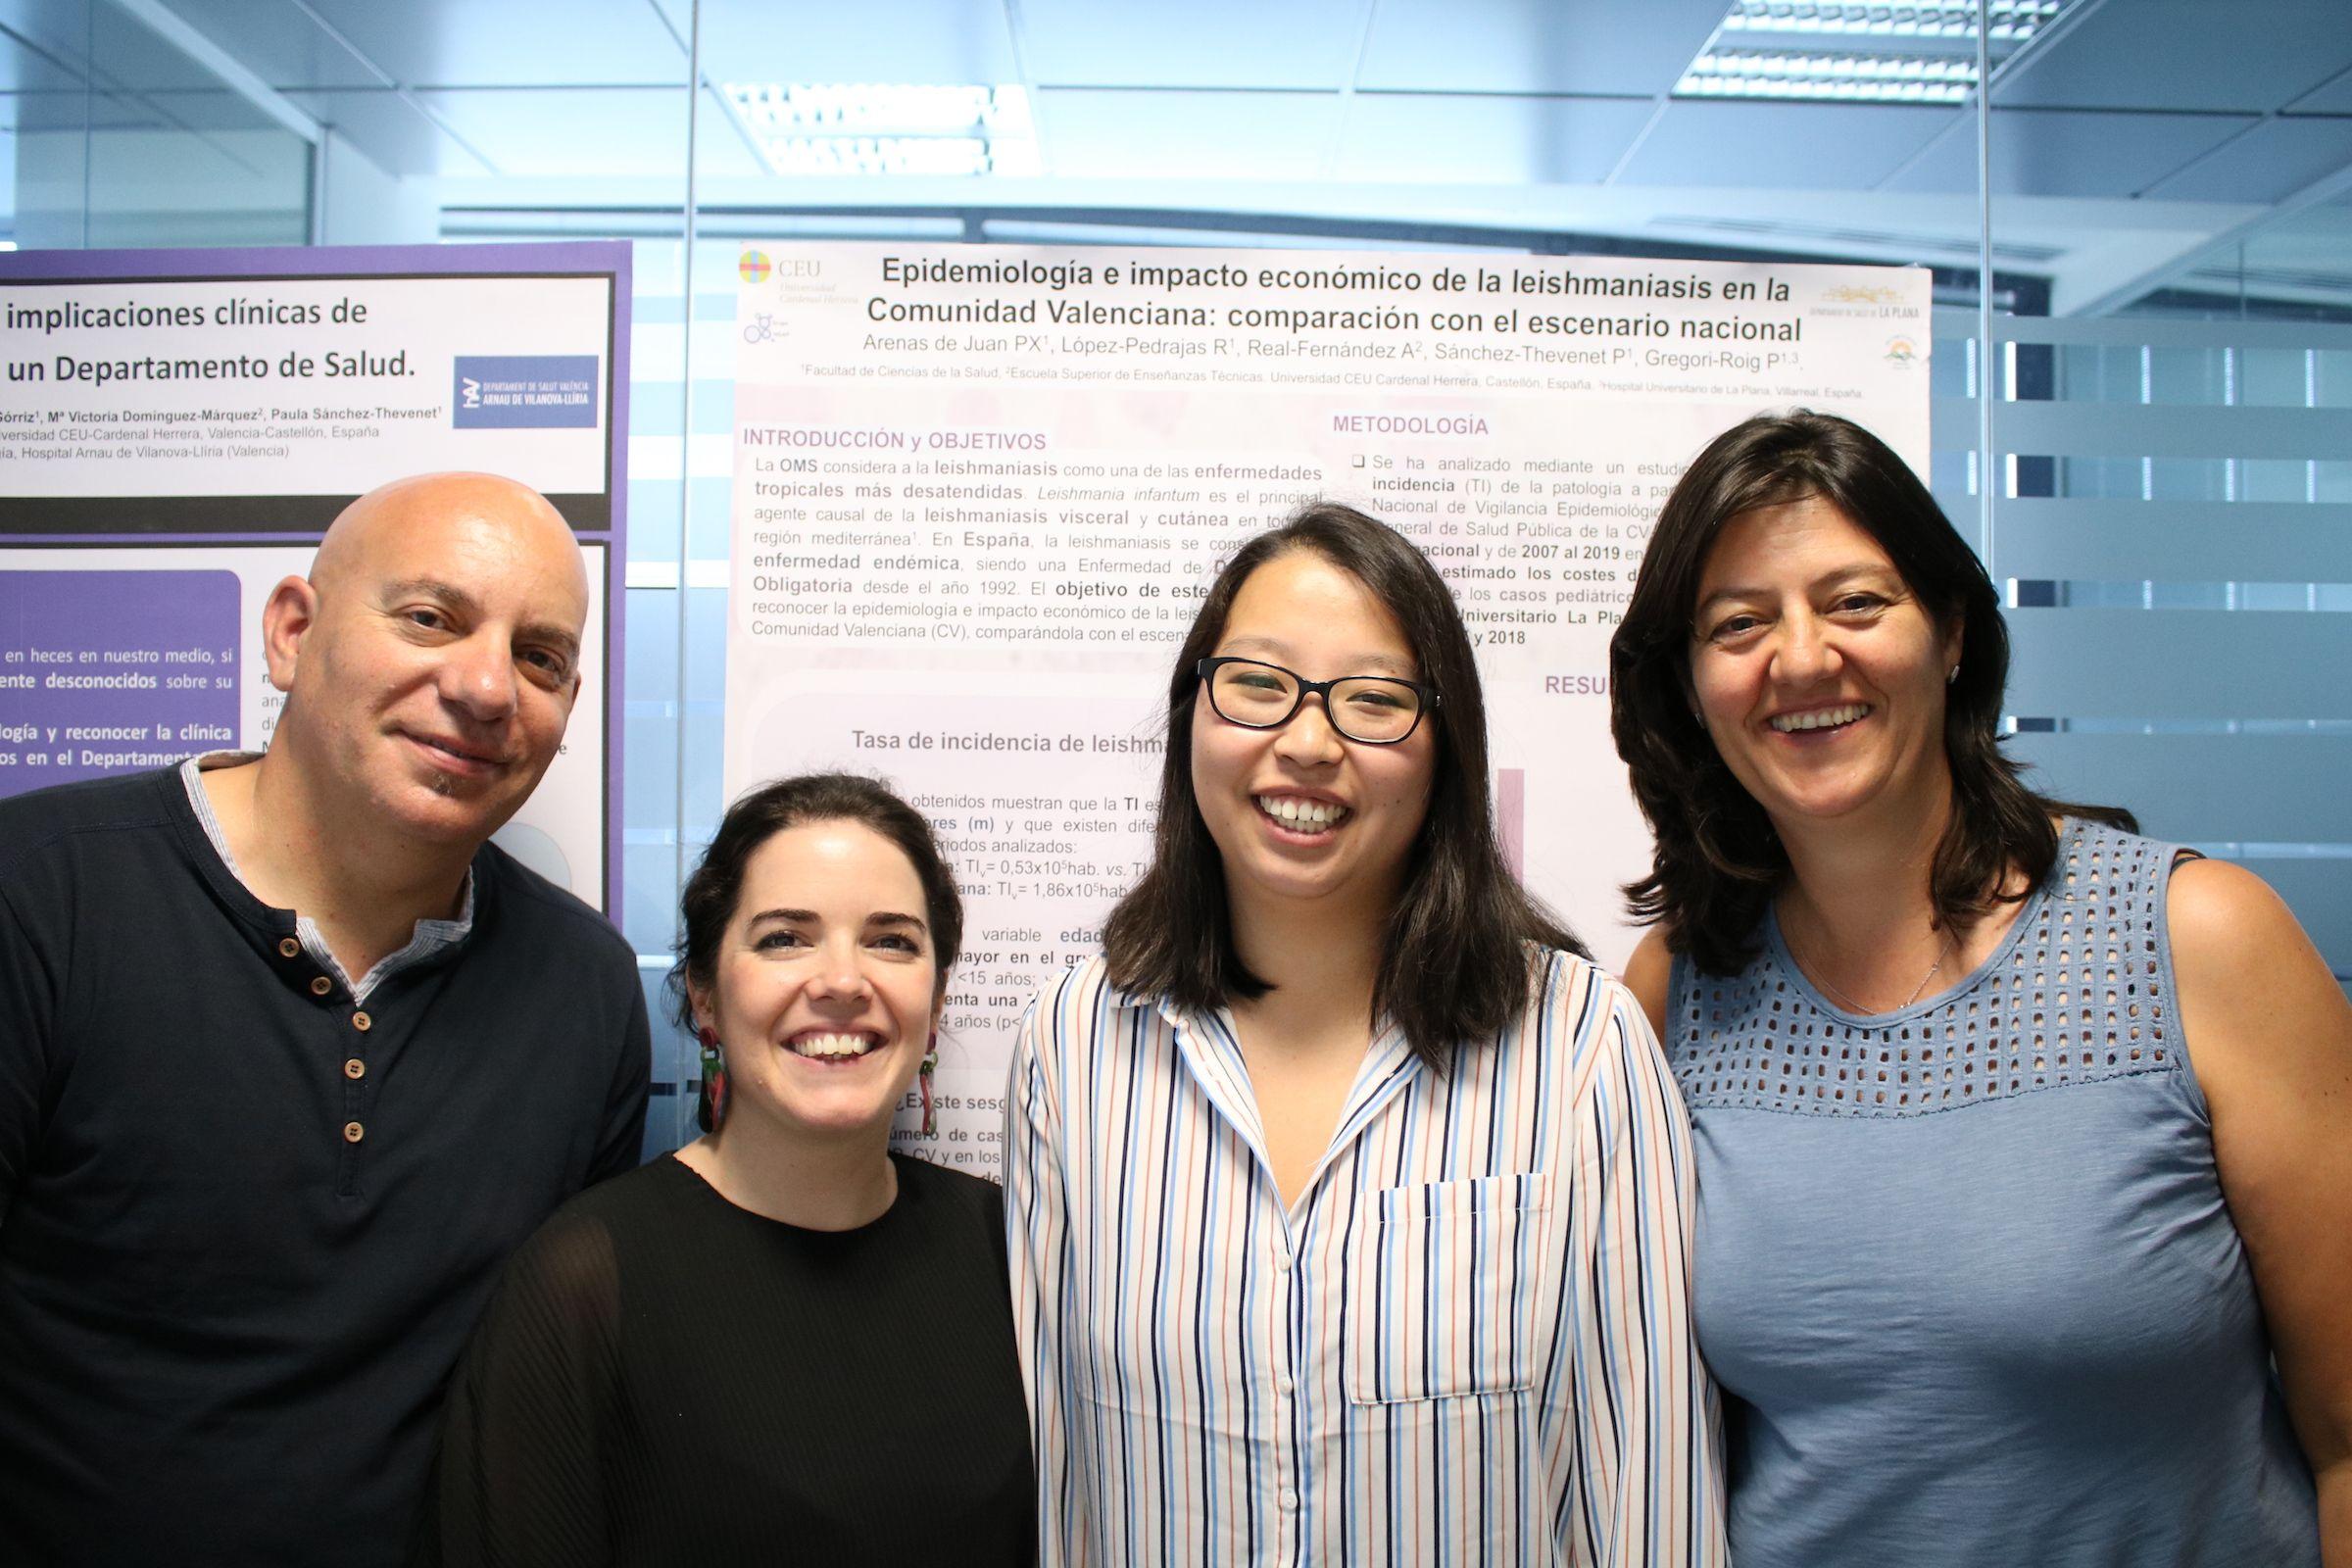 La estudiante Patricia Arenas, junto a los profesores de Medicina de la CEU UCH junto a los que realizó su estudio sobre leishmaniosis.